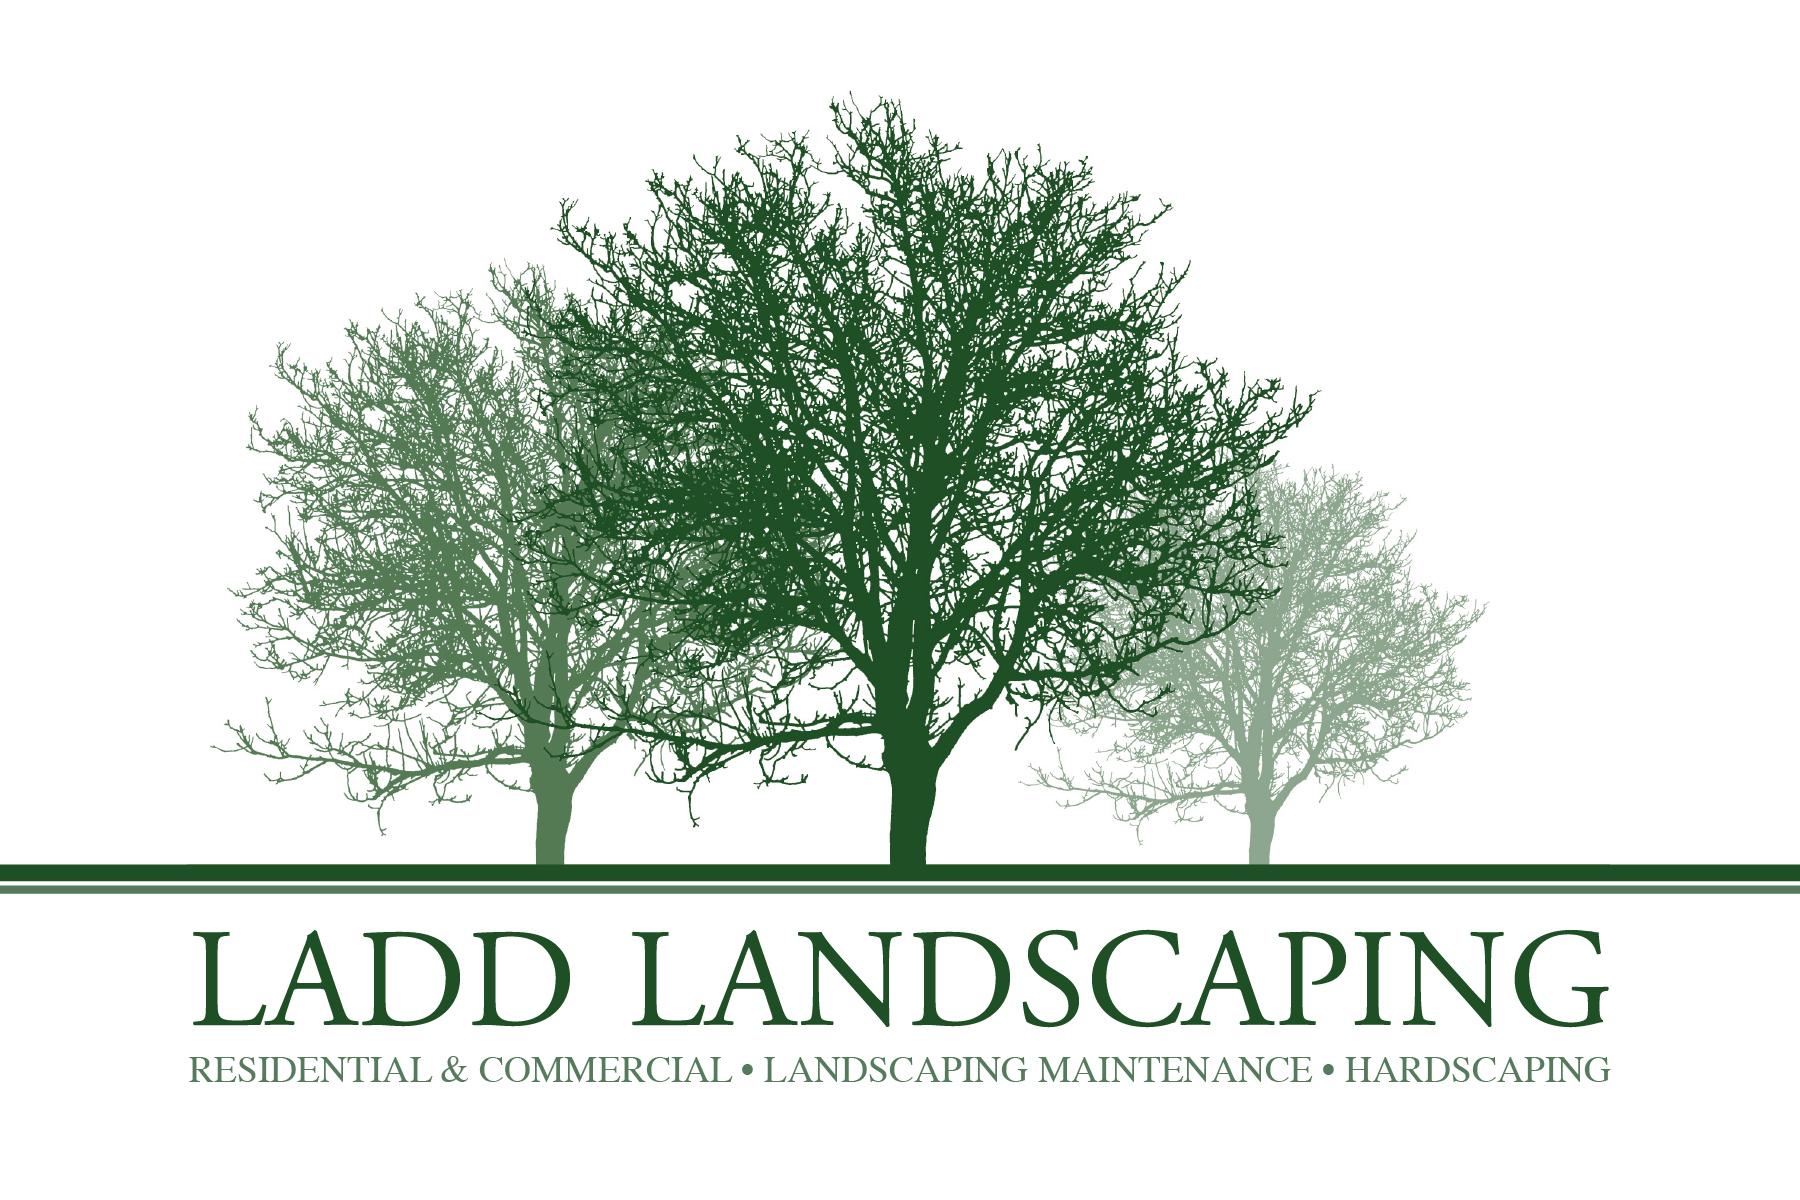 Landscaping logos Wallpaper